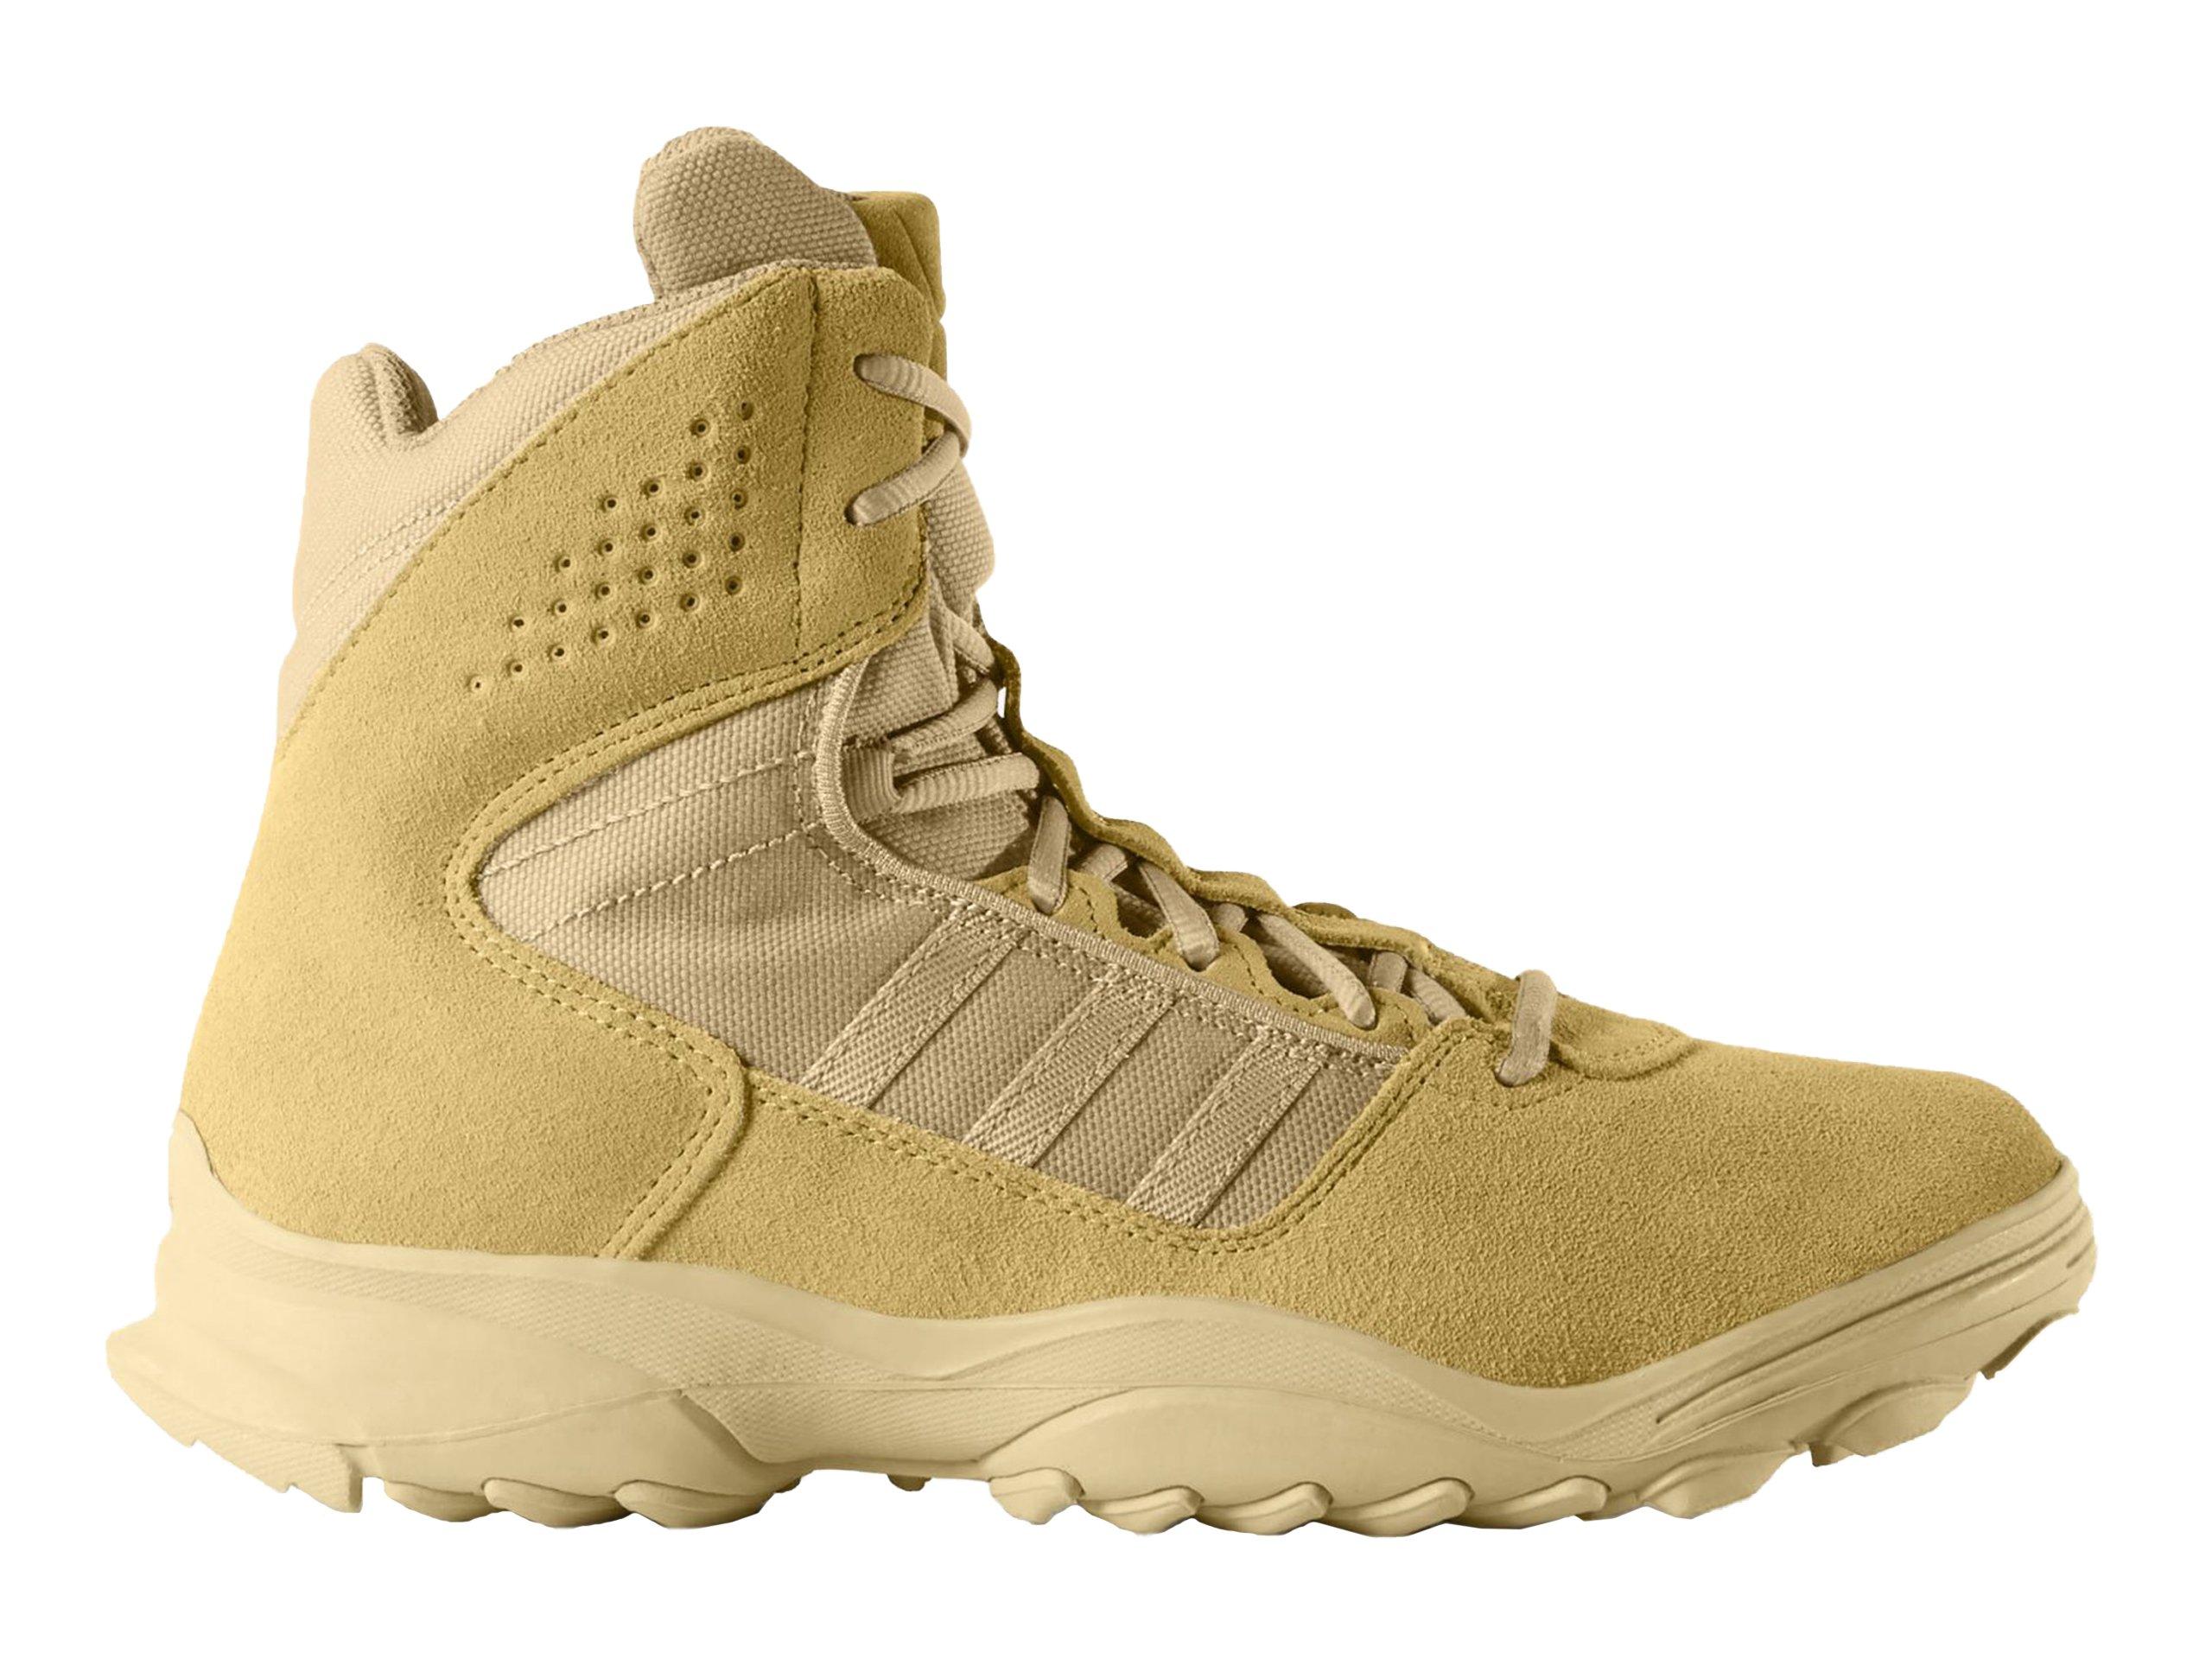 0b87e55aa70a6 Buty taktyczne adidas GSG-9.3 U41774 r. 44 - 6863181890 - oficjalne ...